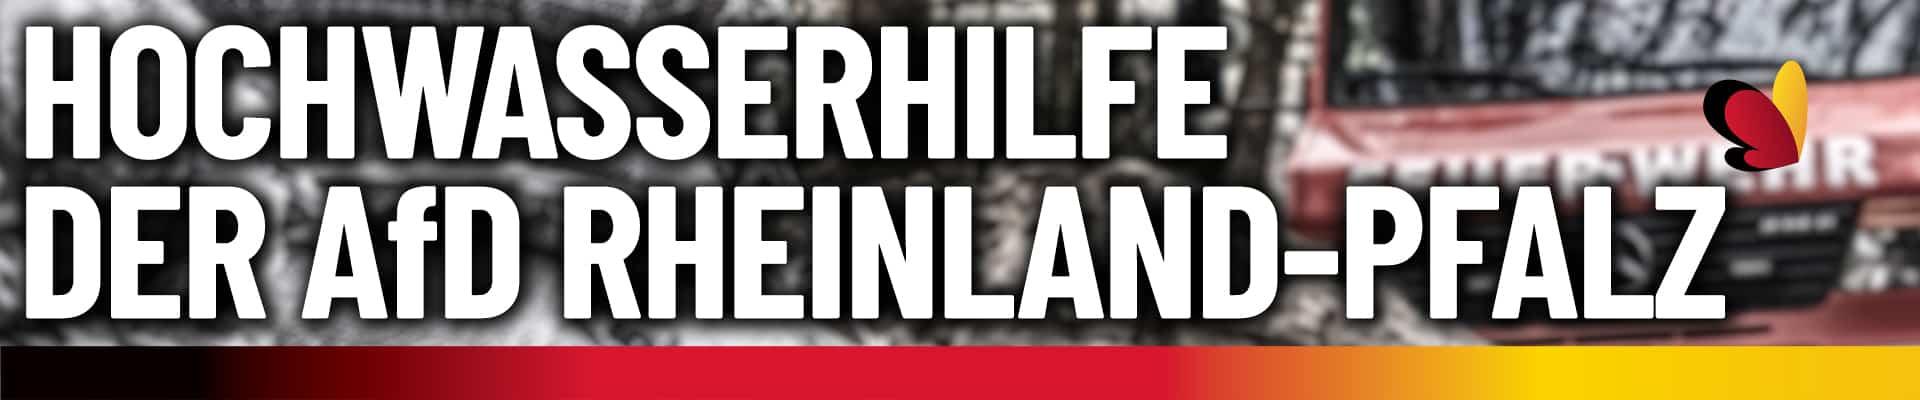 Hochwasserhilfe Rheinland-Pfalz